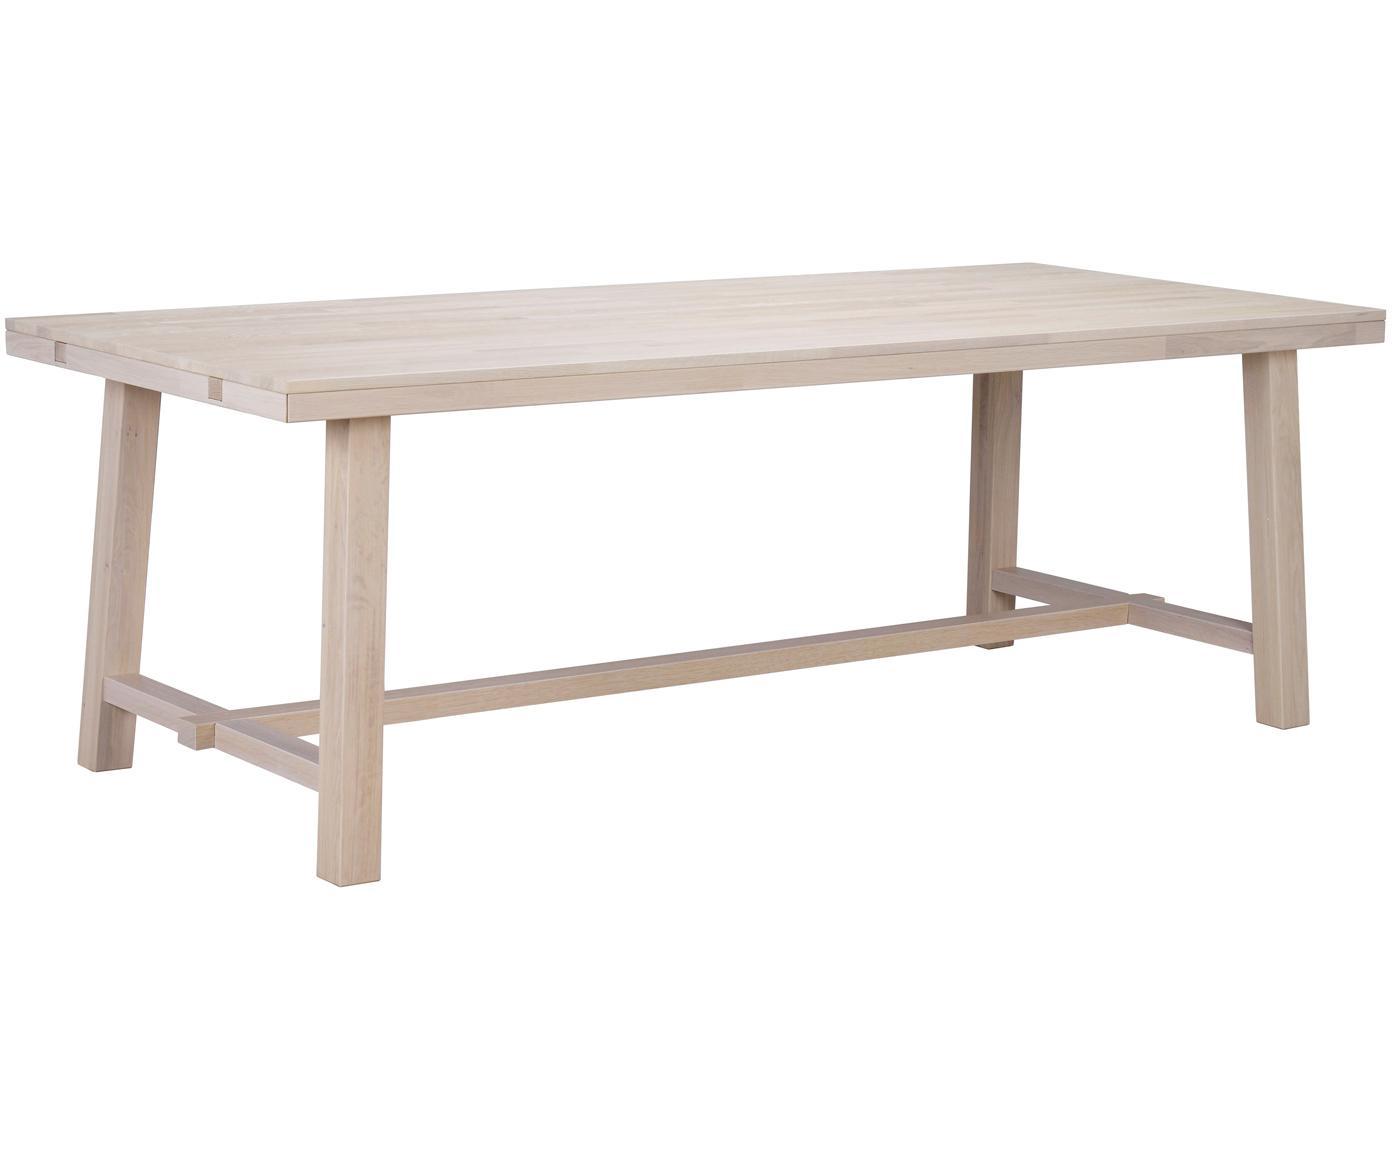 Duży stół do jadalni z litego drewna  Brooklyn, Masywne drewno dębowe, bielone i olejowane, Drewno dębowe, biały postarzany, 220 x 95 cm